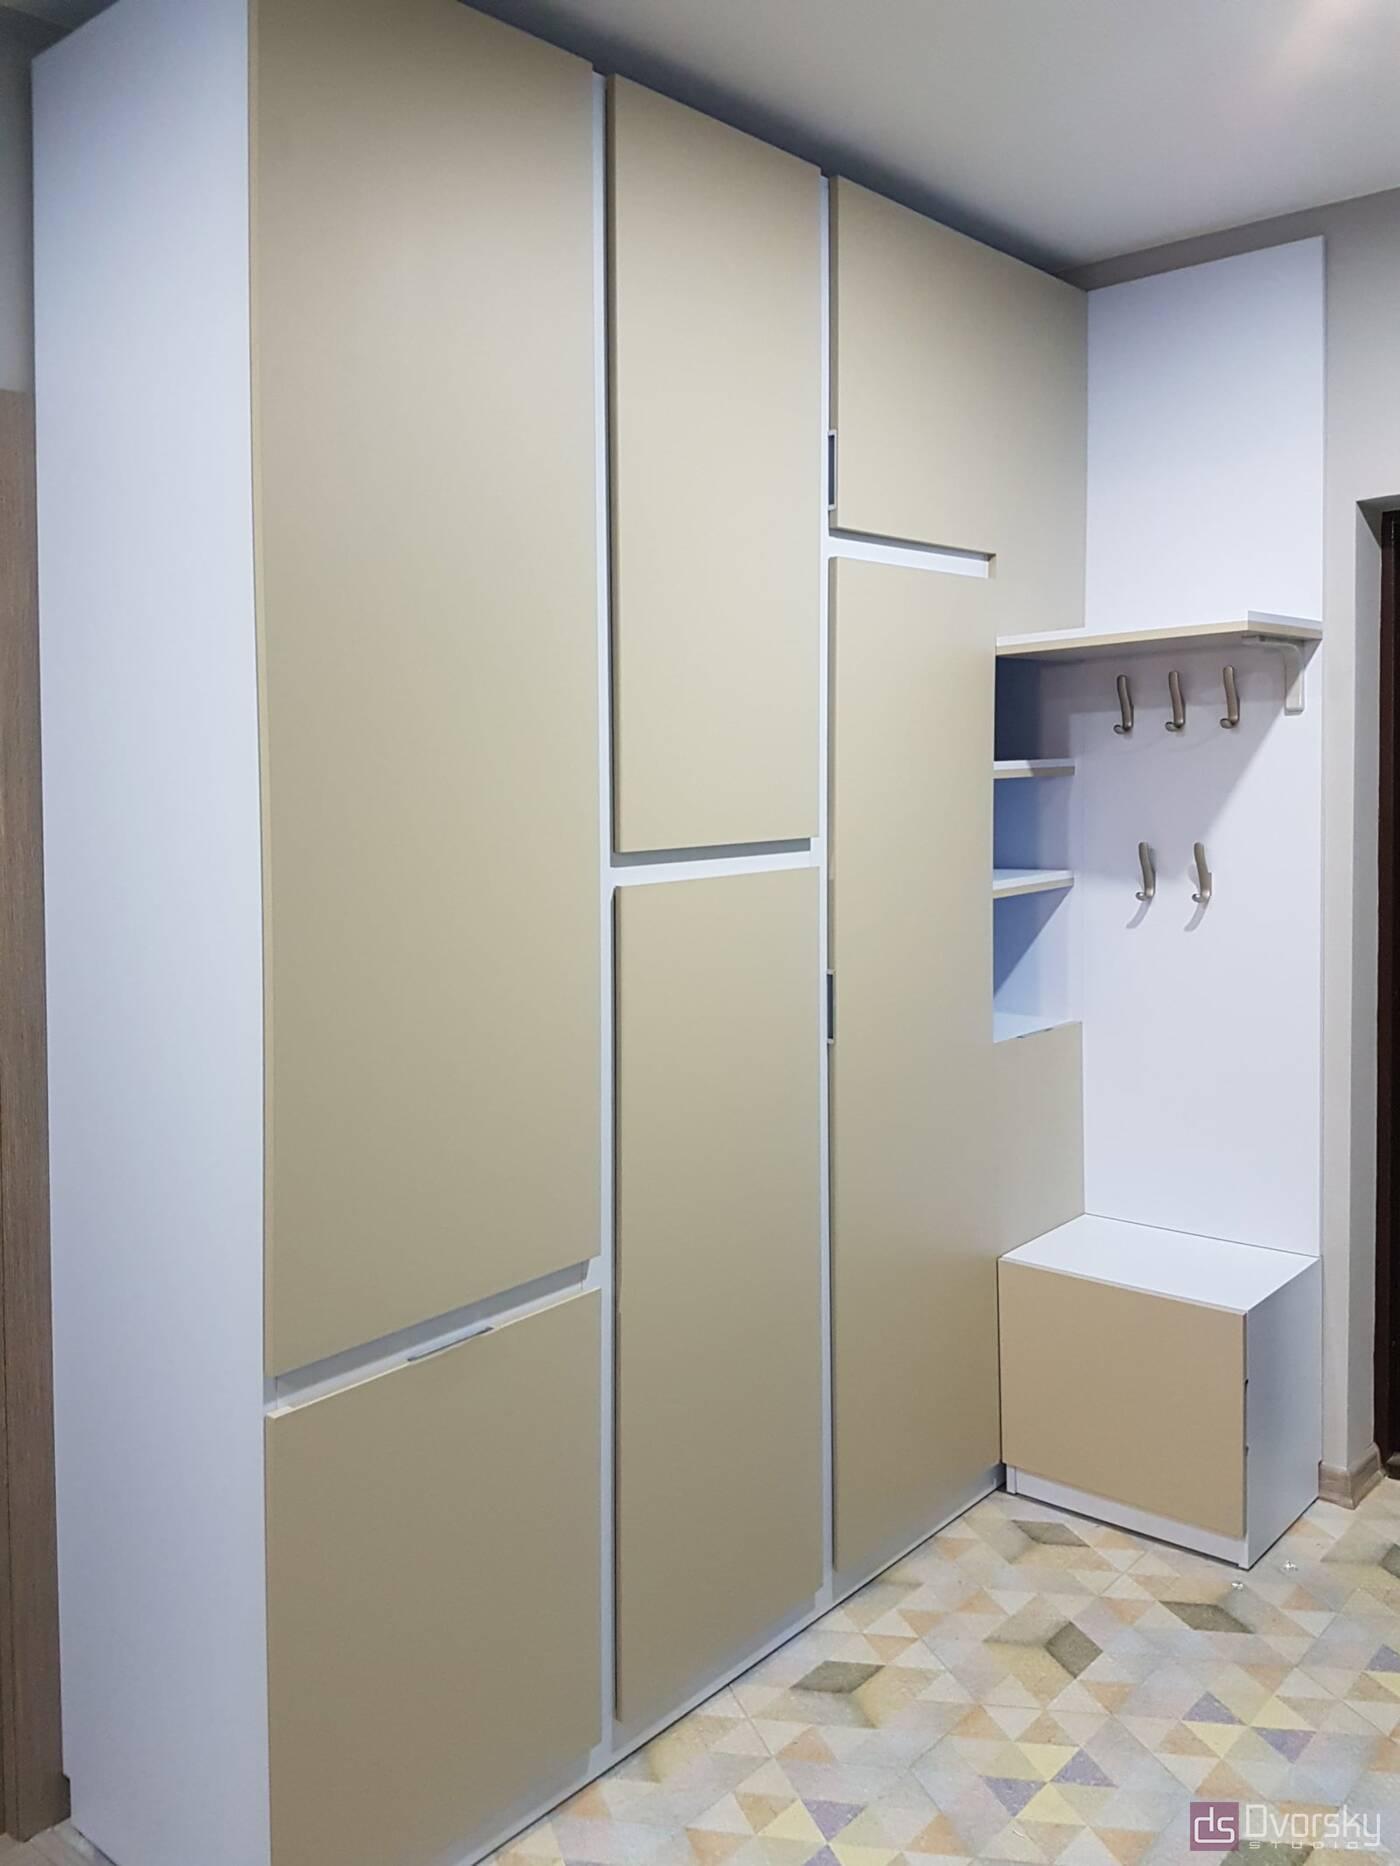 Шкафы распашные Шкаф распашной со скрытыми ручками - Фото № 2